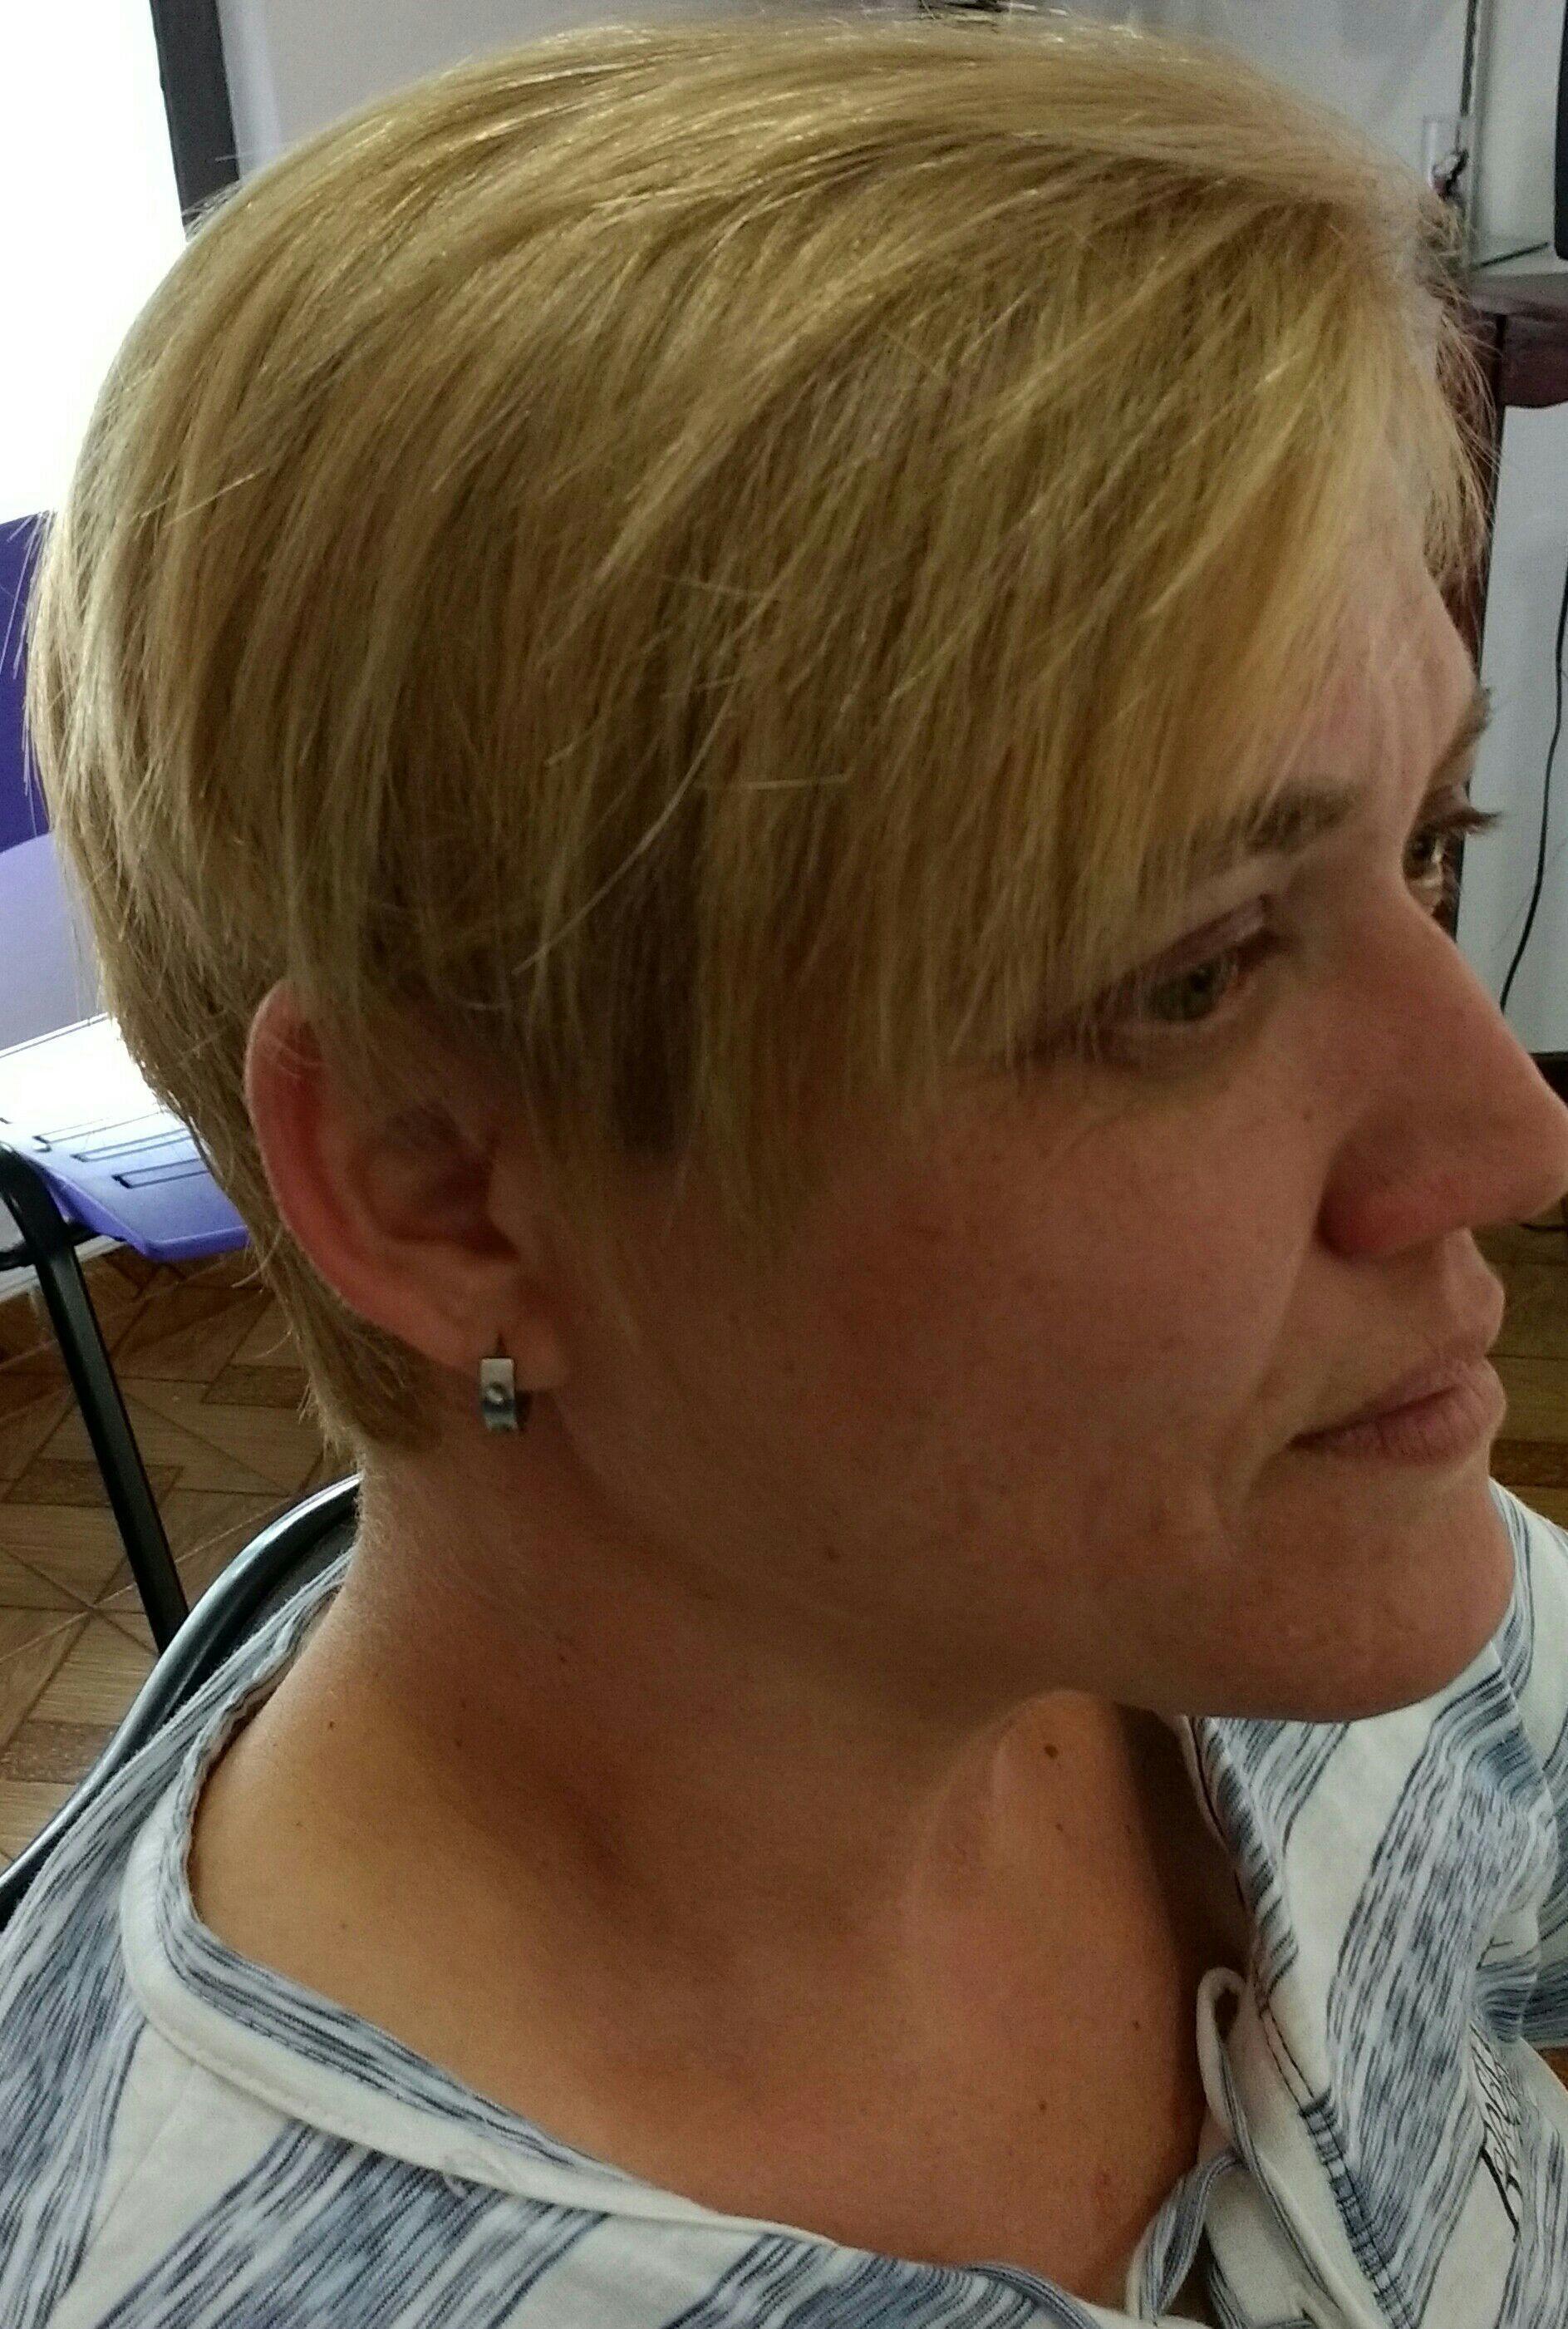 Corte desconectado curto com franjao bilateral outros cabeleireiro(a)